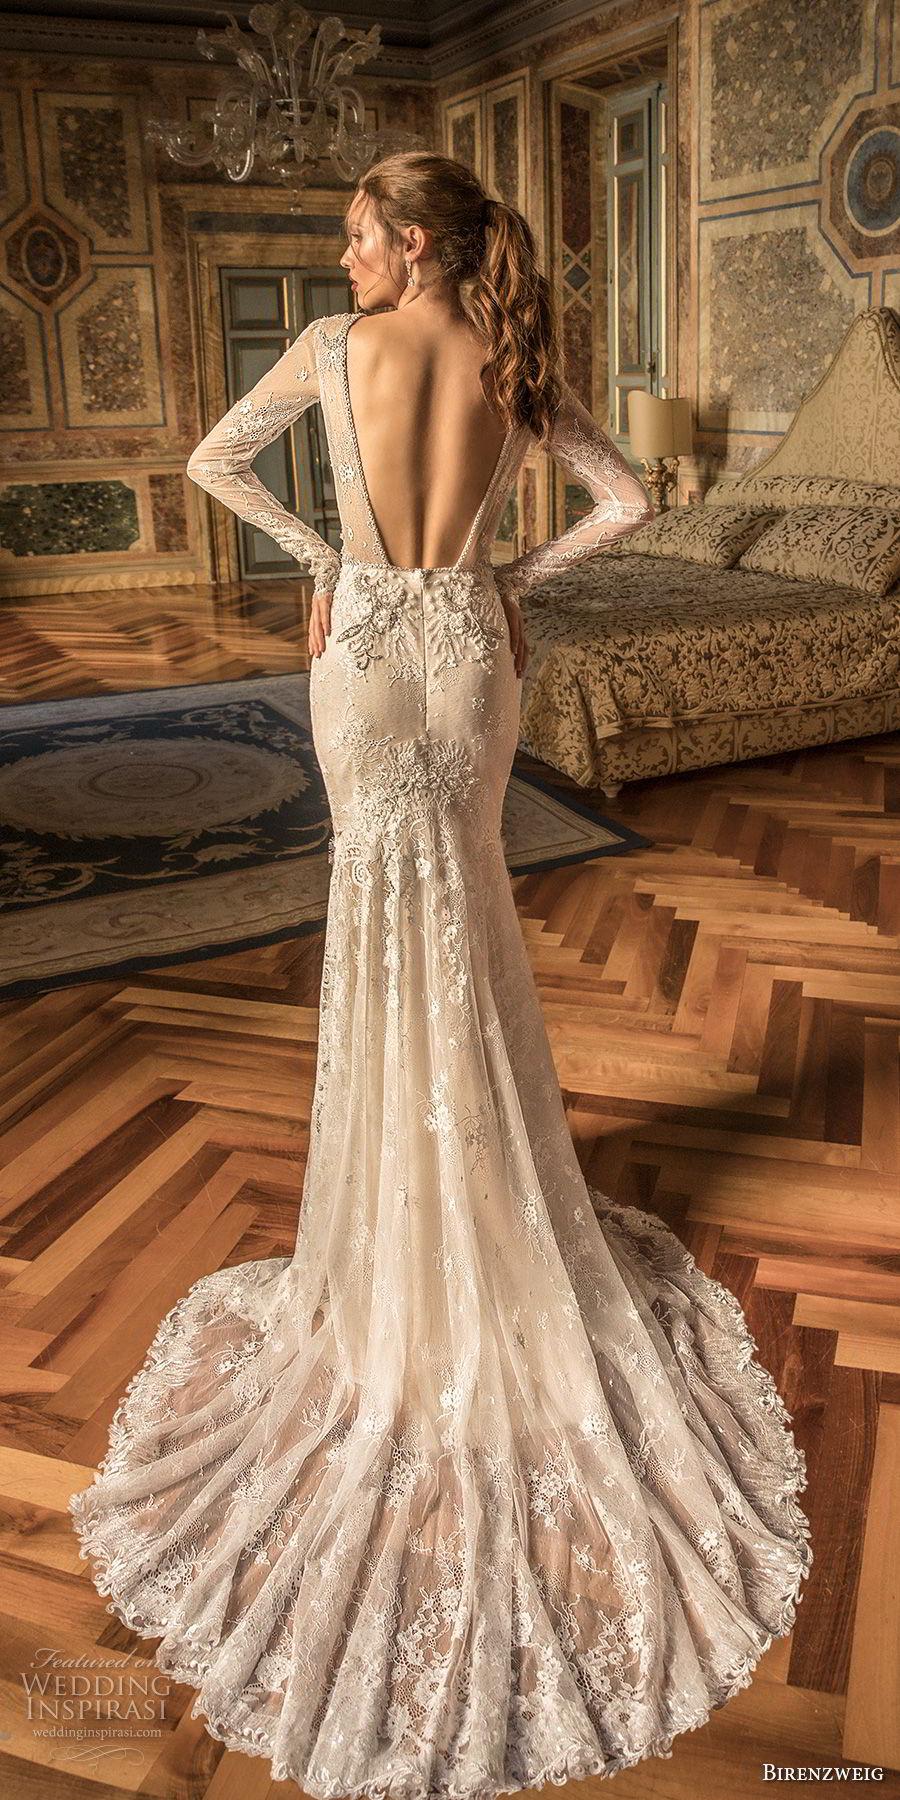 birenzweig 2018 bridal long sleeves jewel neck full embellishment side slit skirt elegant fit and flare wedding dress open back short train (7) bv